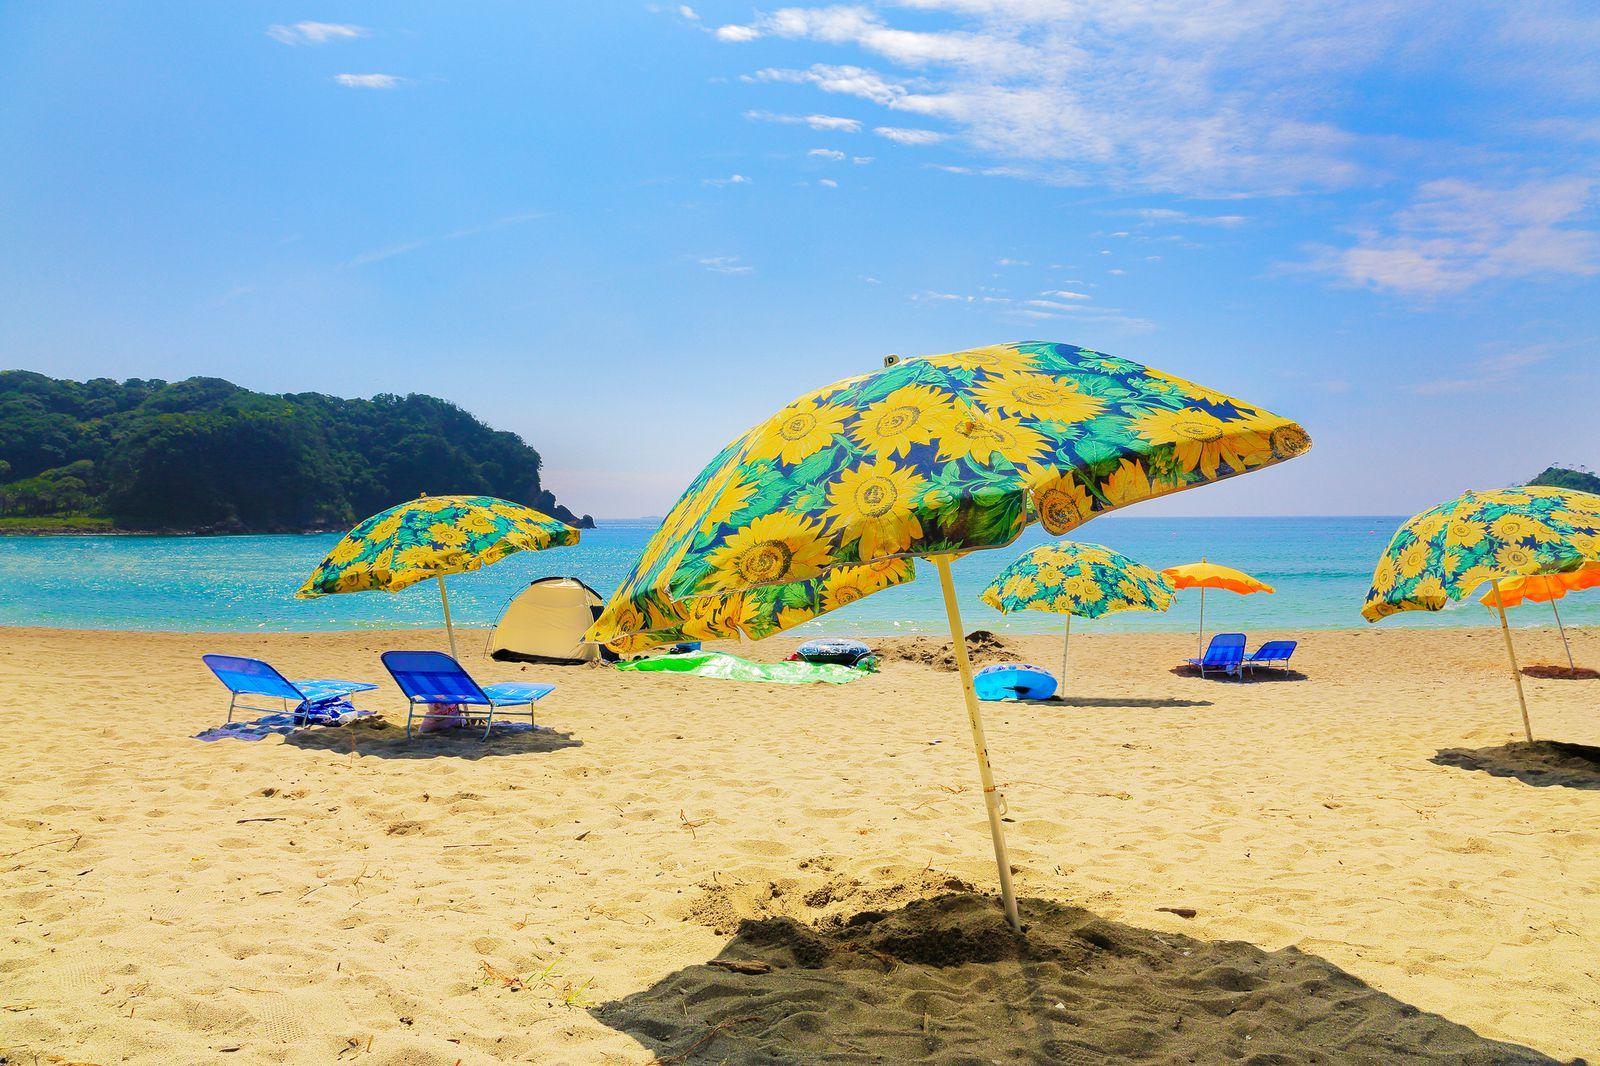 透明度が非常に高い!リゾート気分が味わえる静岡の海水浴場ランキングTOP7 メイン画像